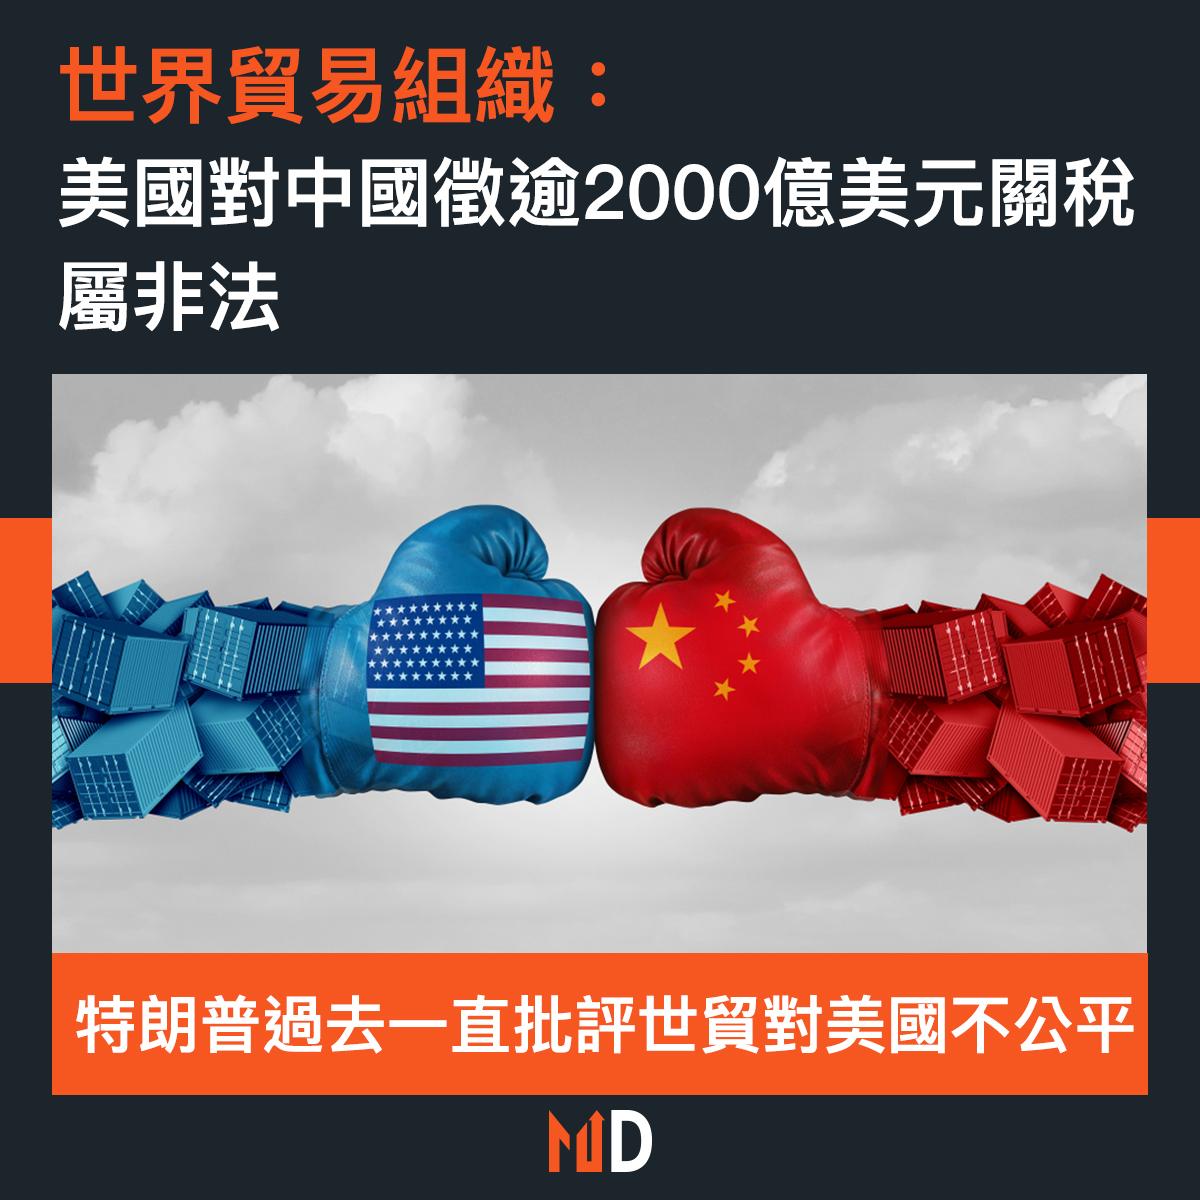 【市場熱話】世界貿易組織:美國對中國徵收逾2000億美元關稅屬非法